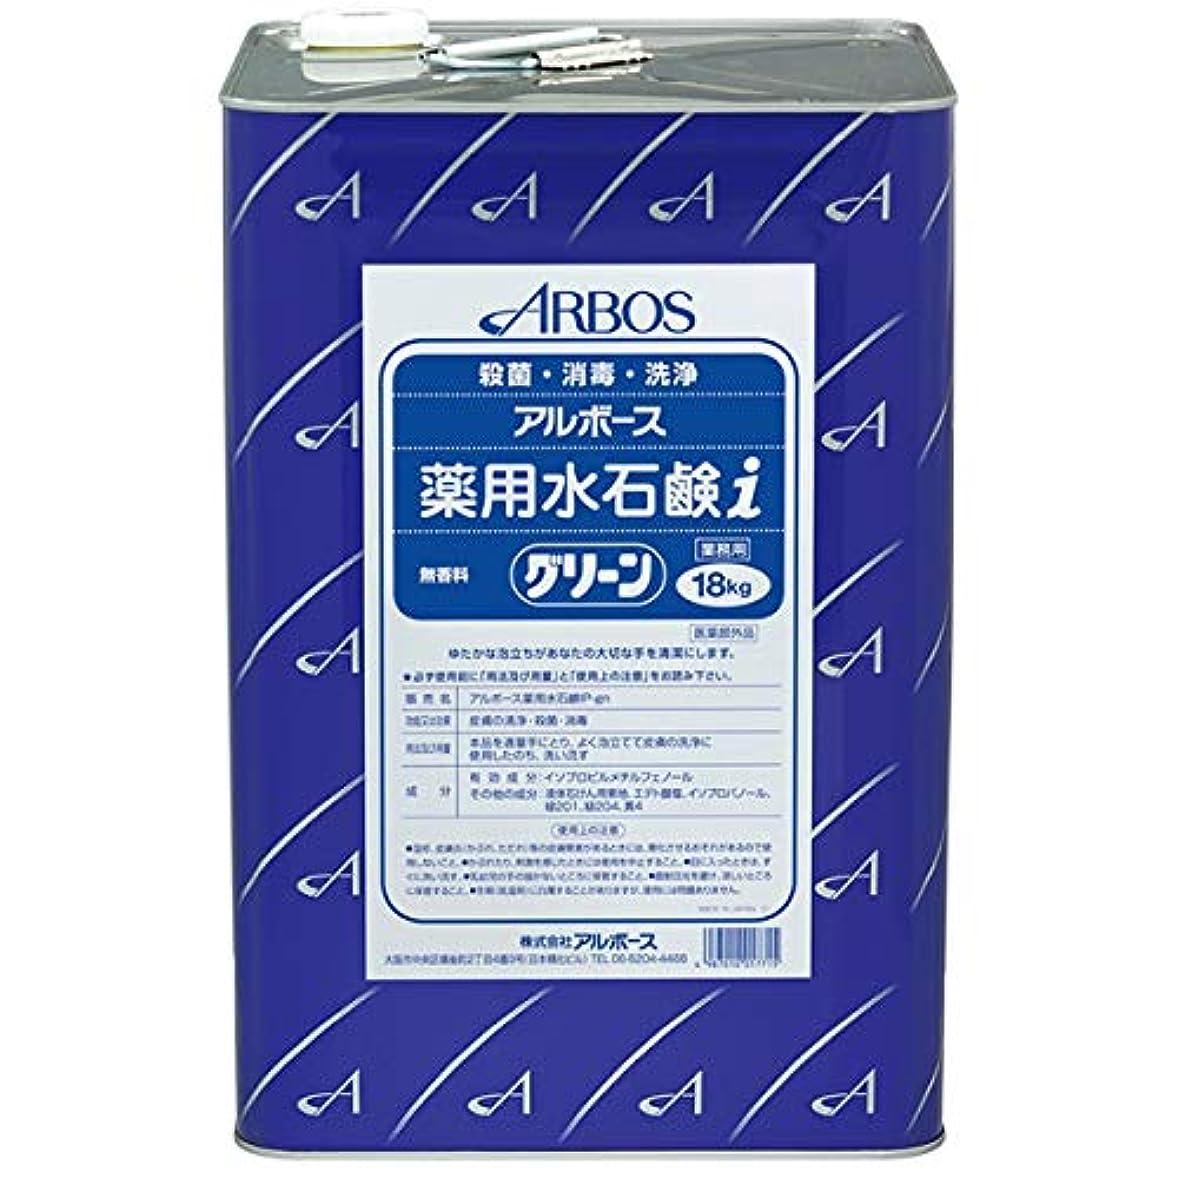 オーケストラ嫌悪リラックスした【清潔キレイ館】アルボース薬用水石鹸グリーンi(18L)